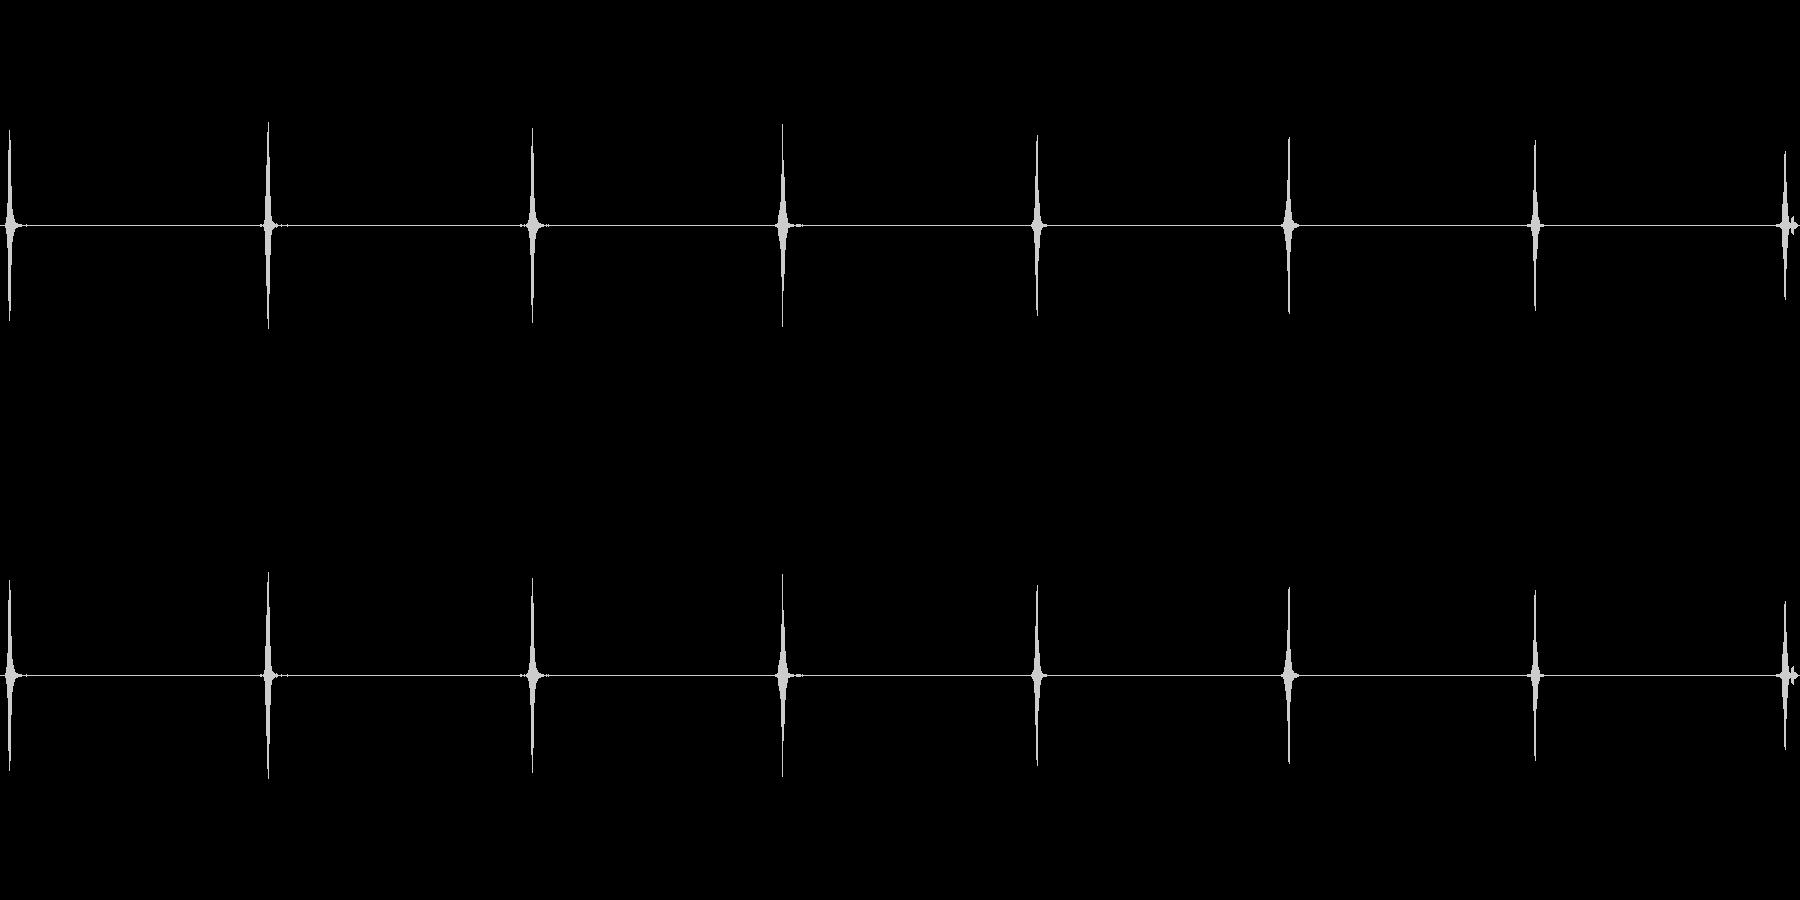 GENERIC ARROW / K...の未再生の波形